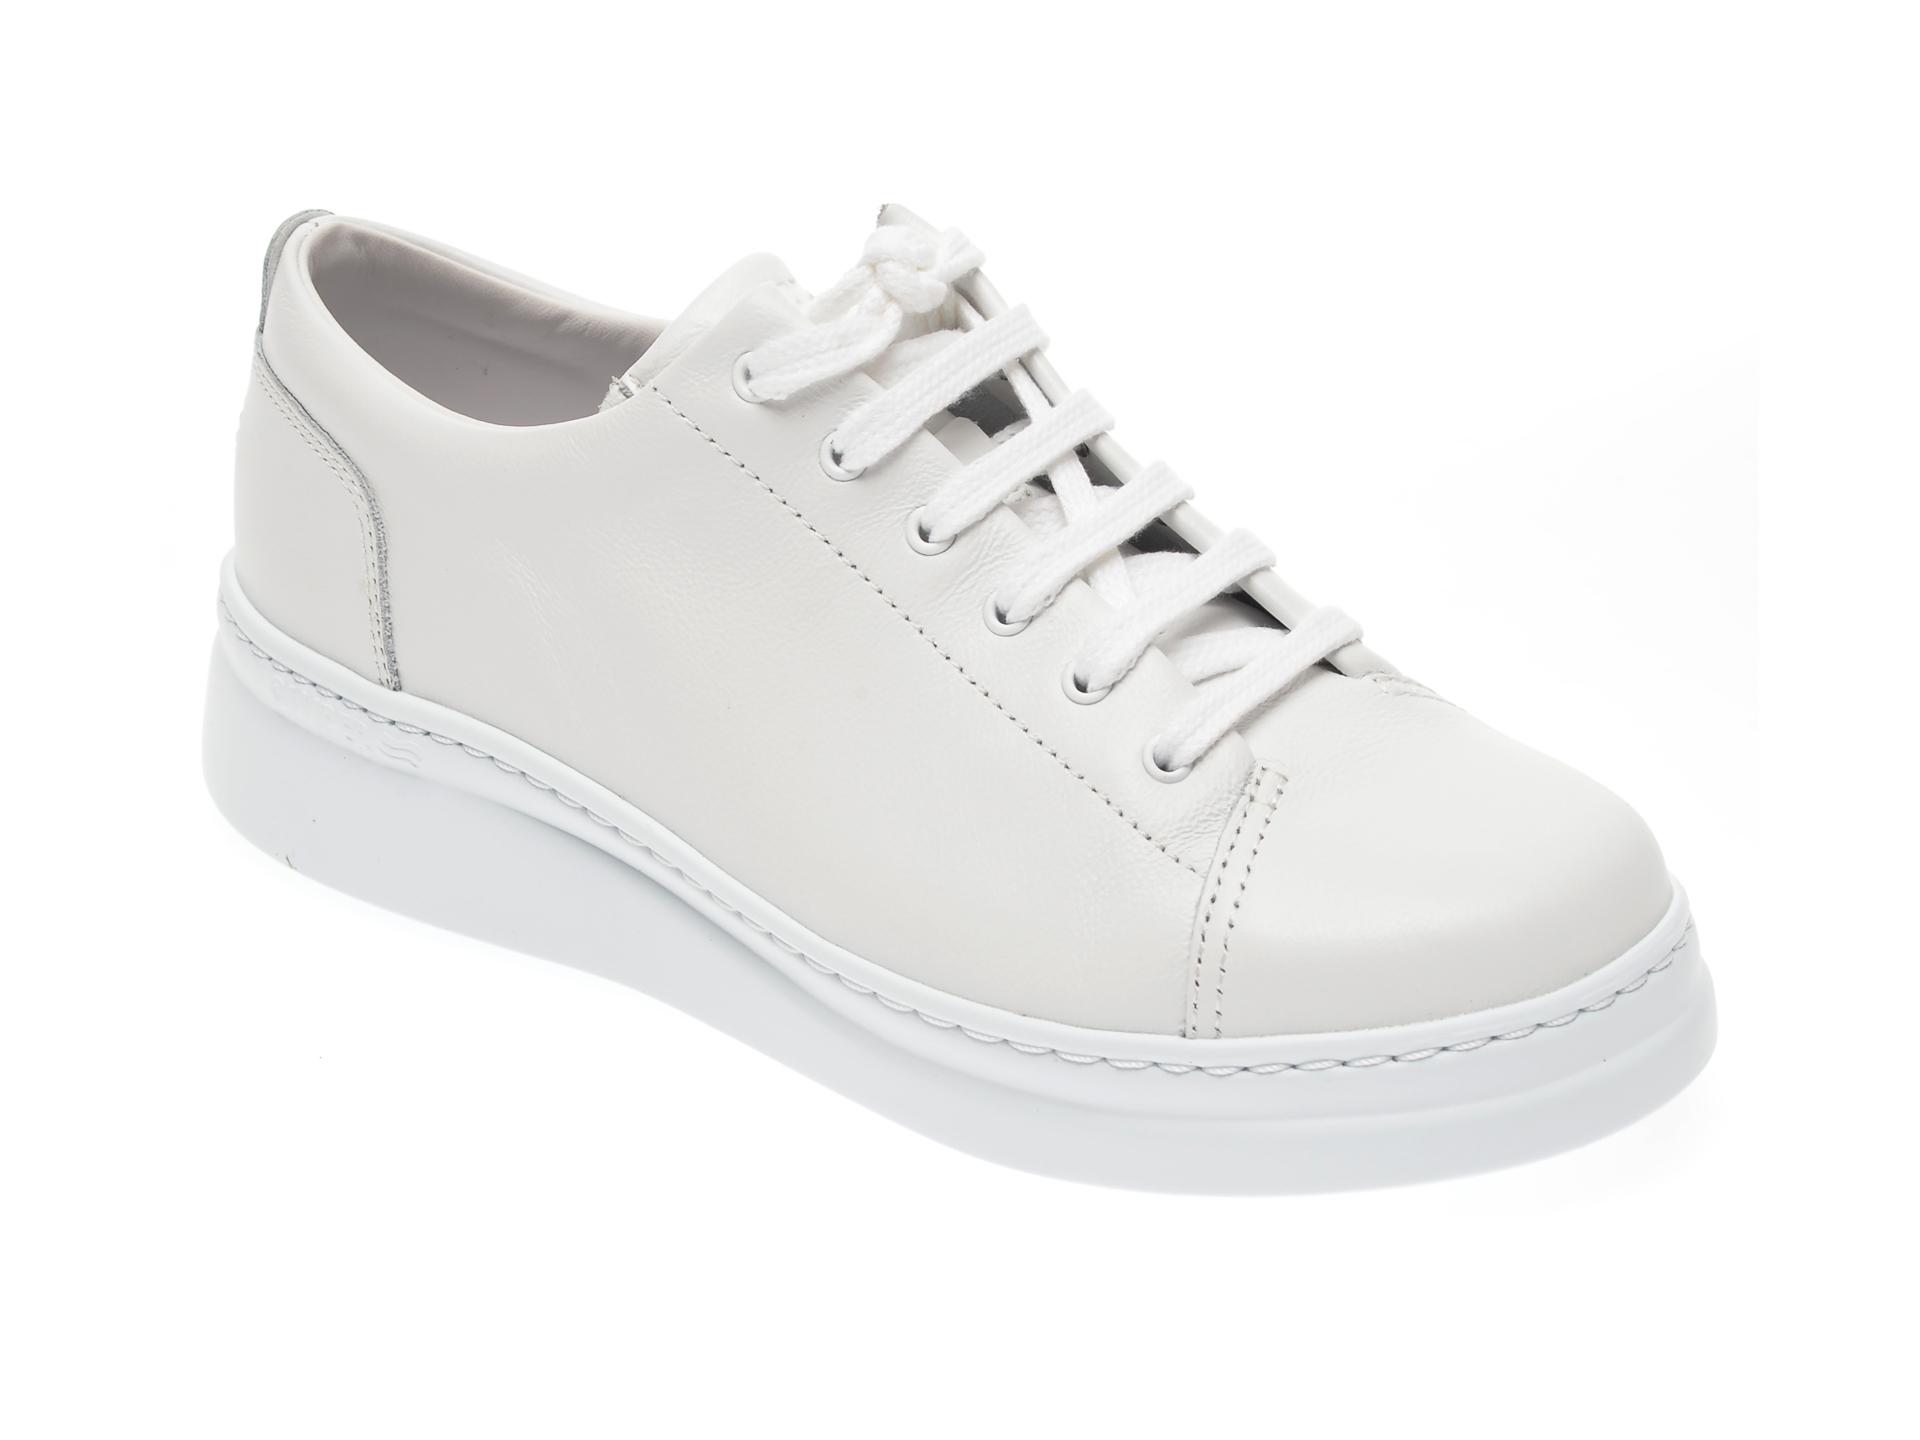 Pantofi sport CAMPER albi, K200508, din piele naturala imagine